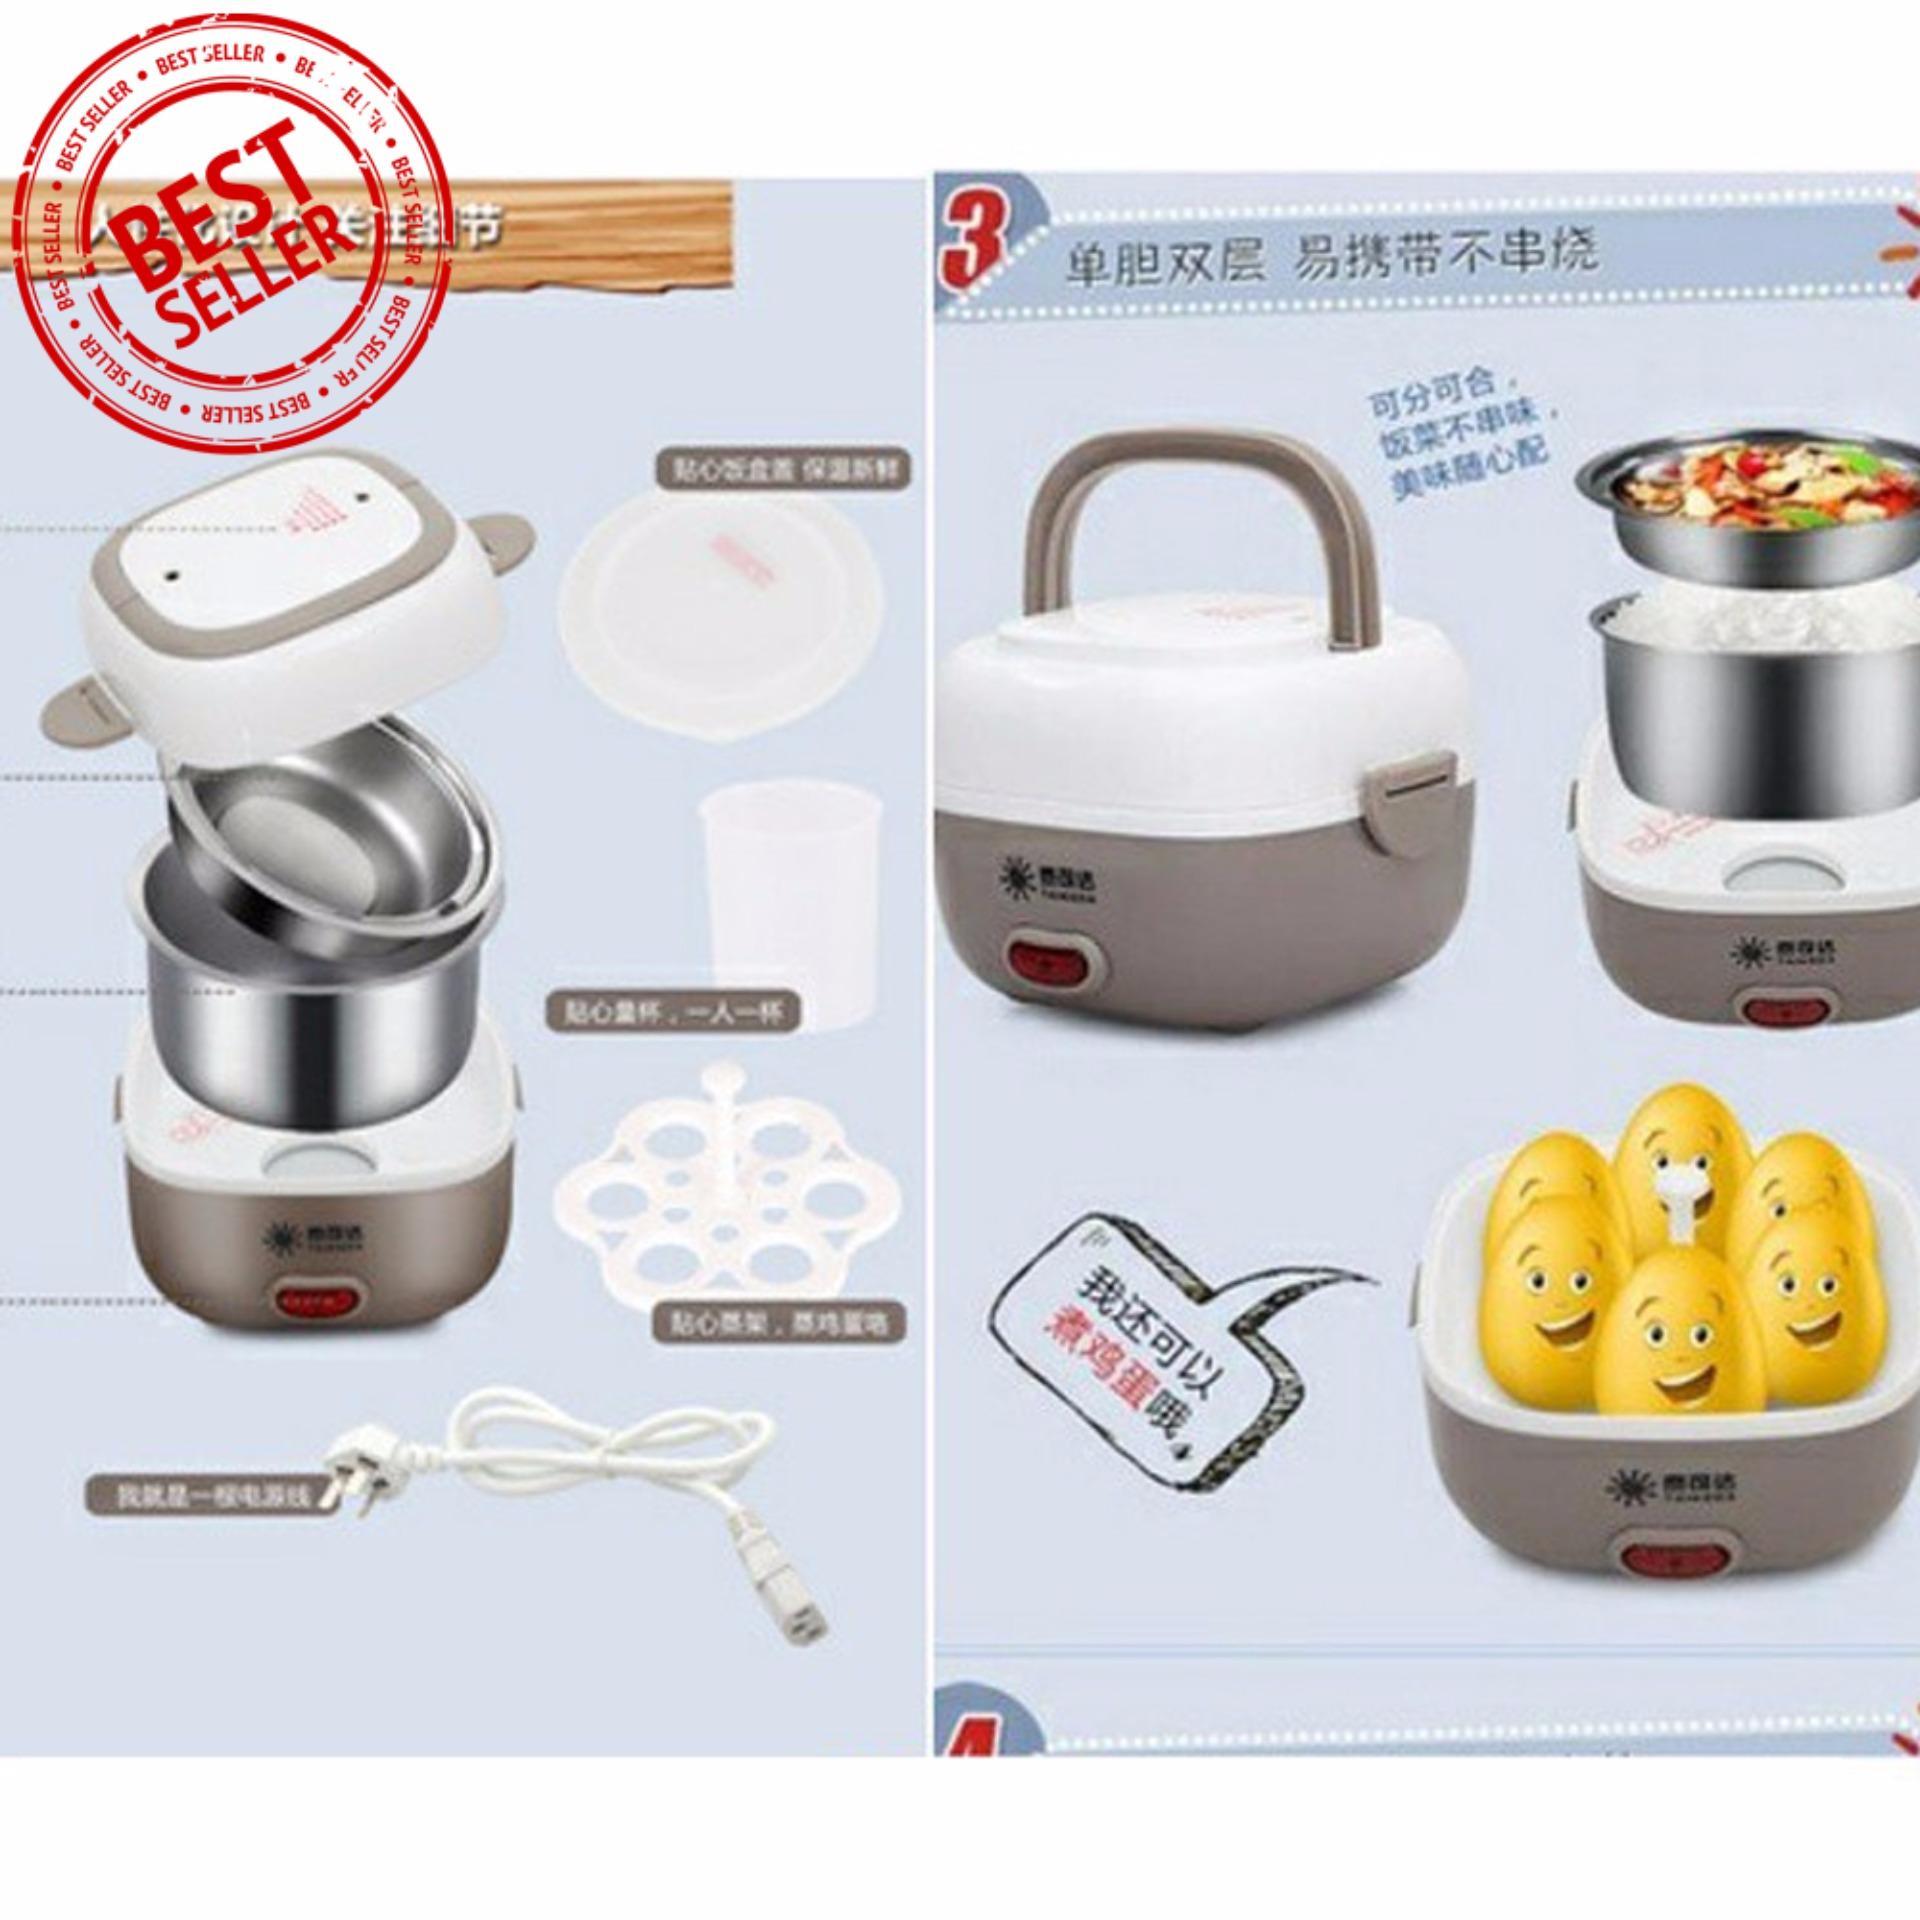 Pelacakan Harga StarHome Rice Cooker Mini 3 Susun kapasitas 2 L Source · Mini Rice Cooker Portable Multifunction Egg Boiler 2 Susun